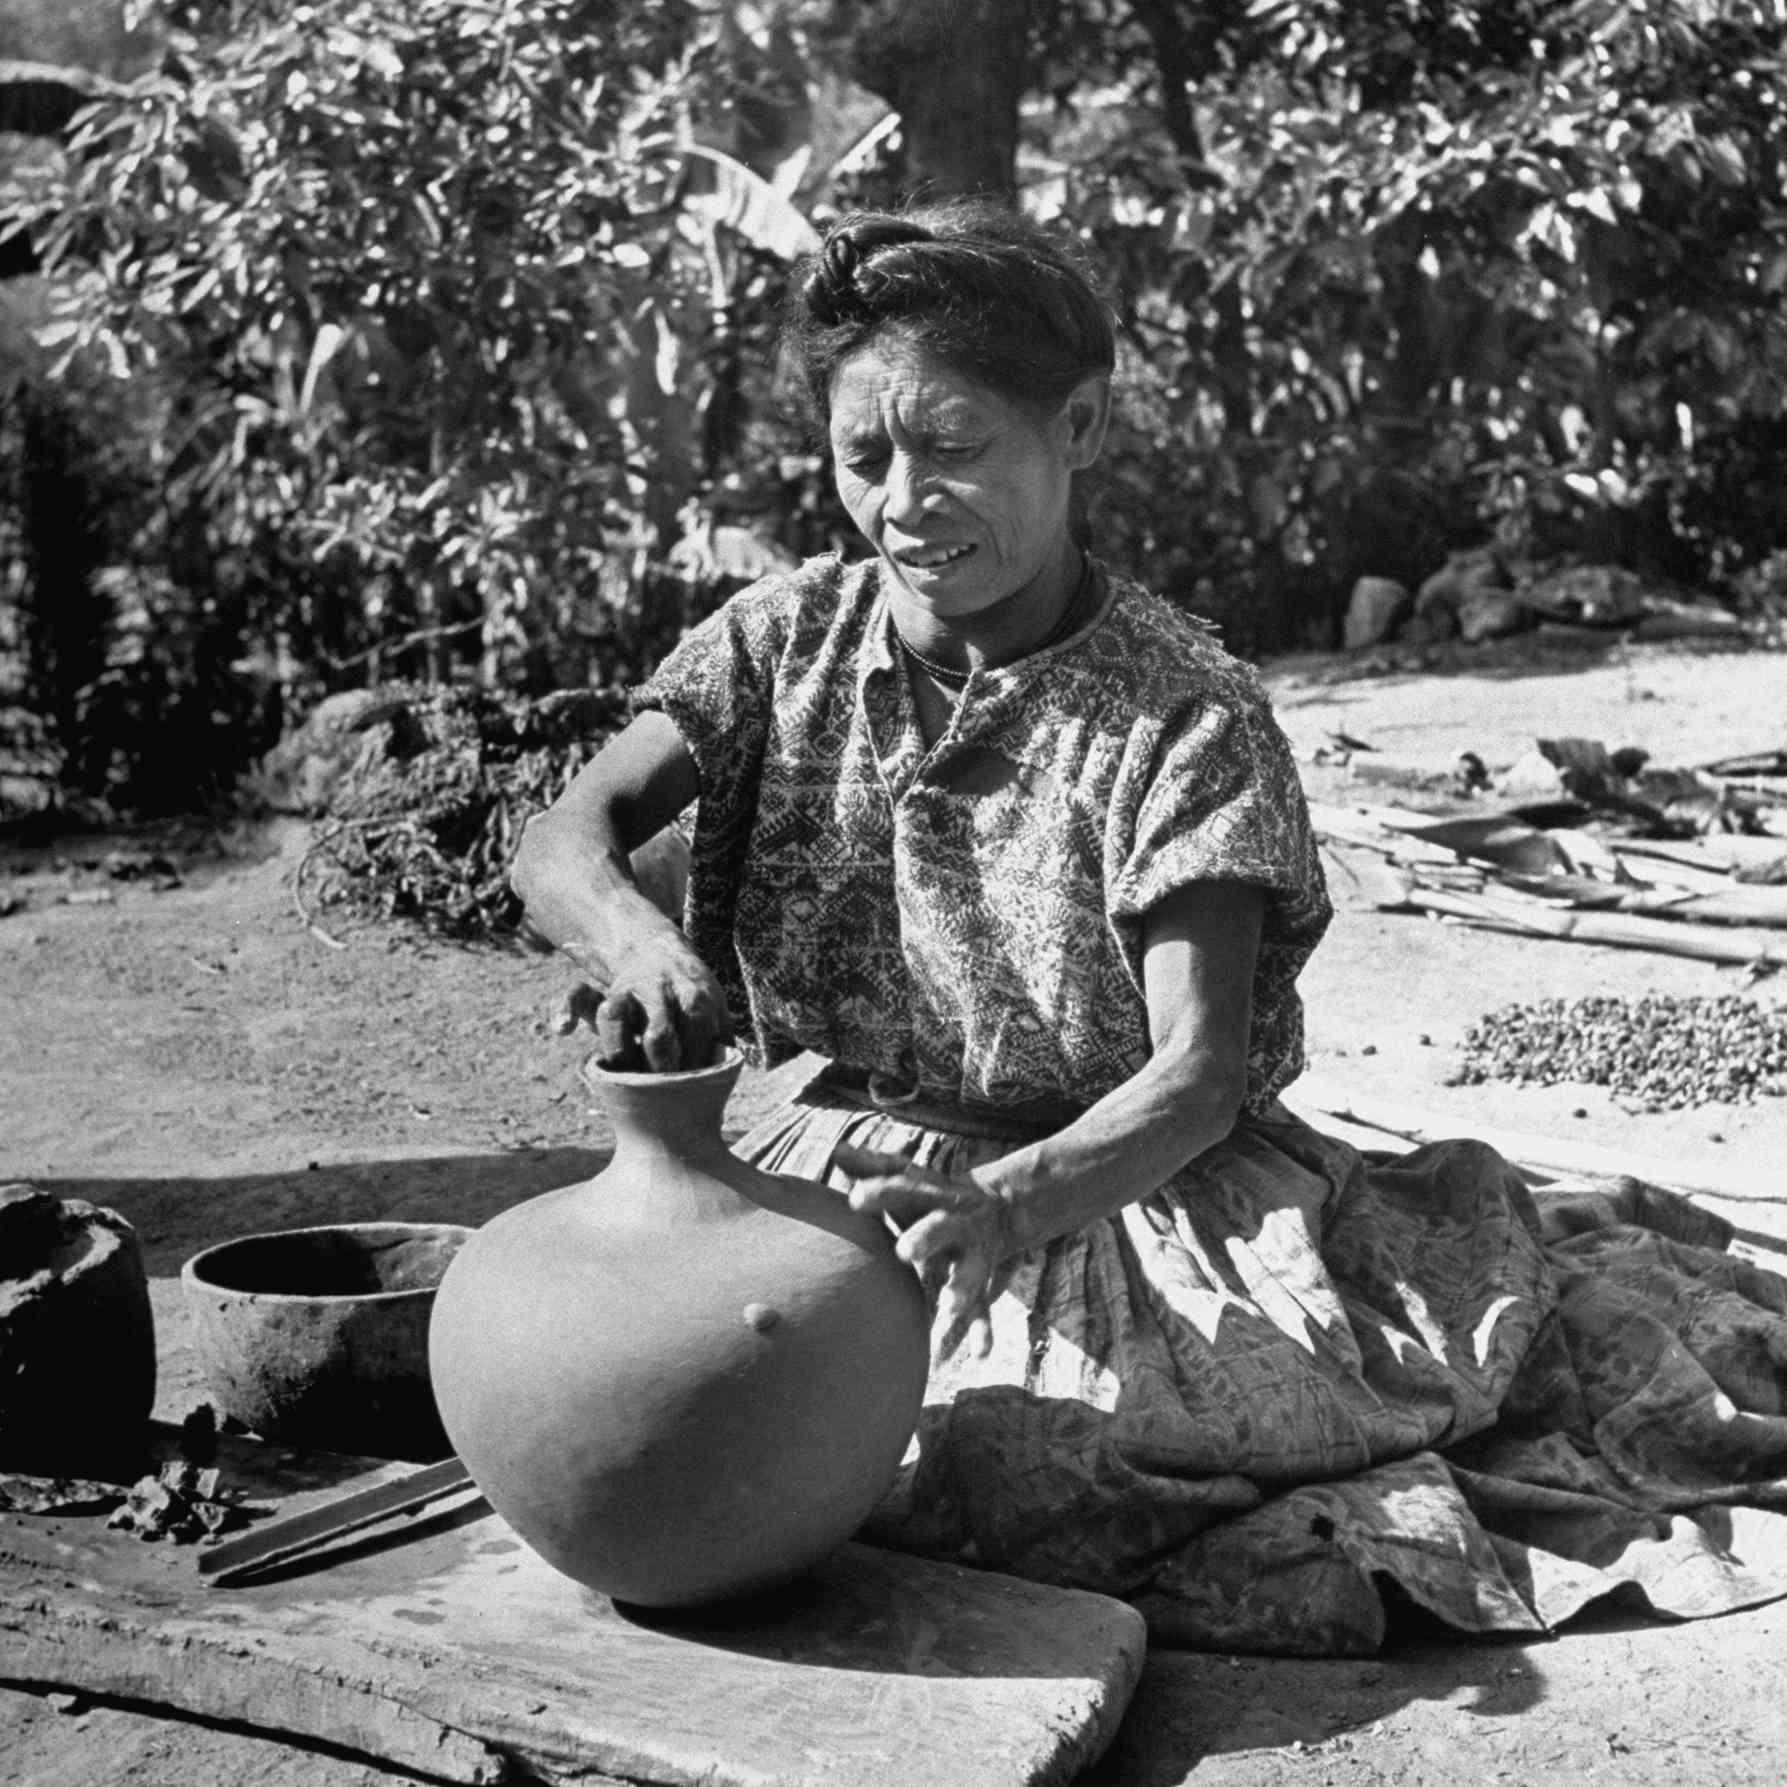 Una mujer maya haciendo cerámica, 1947